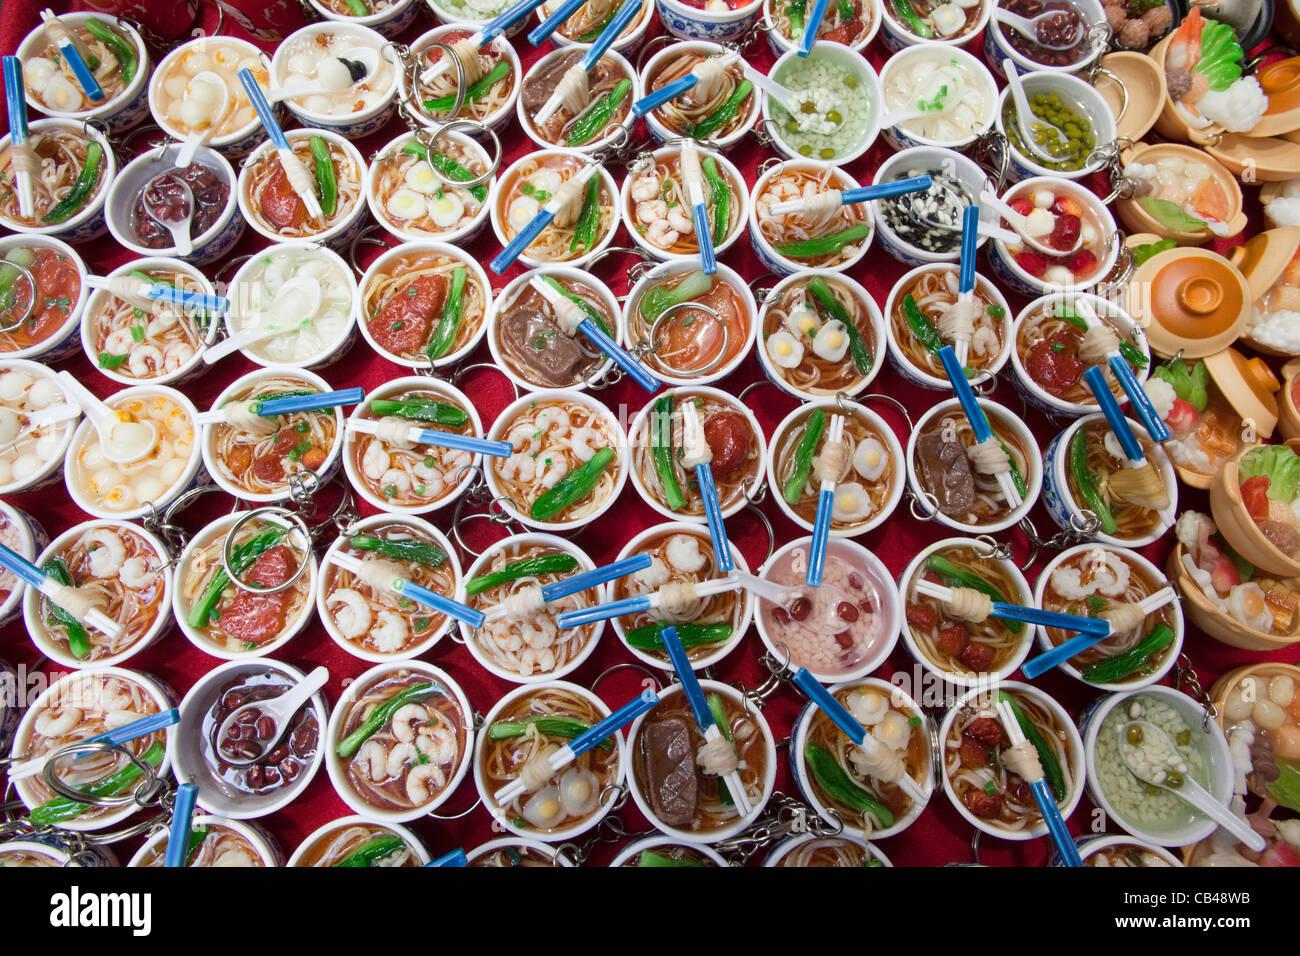 China, Hong Kong, Stanley Mercado, Loja Porta-chaves de taças de comida chinesa Imagens de Stock